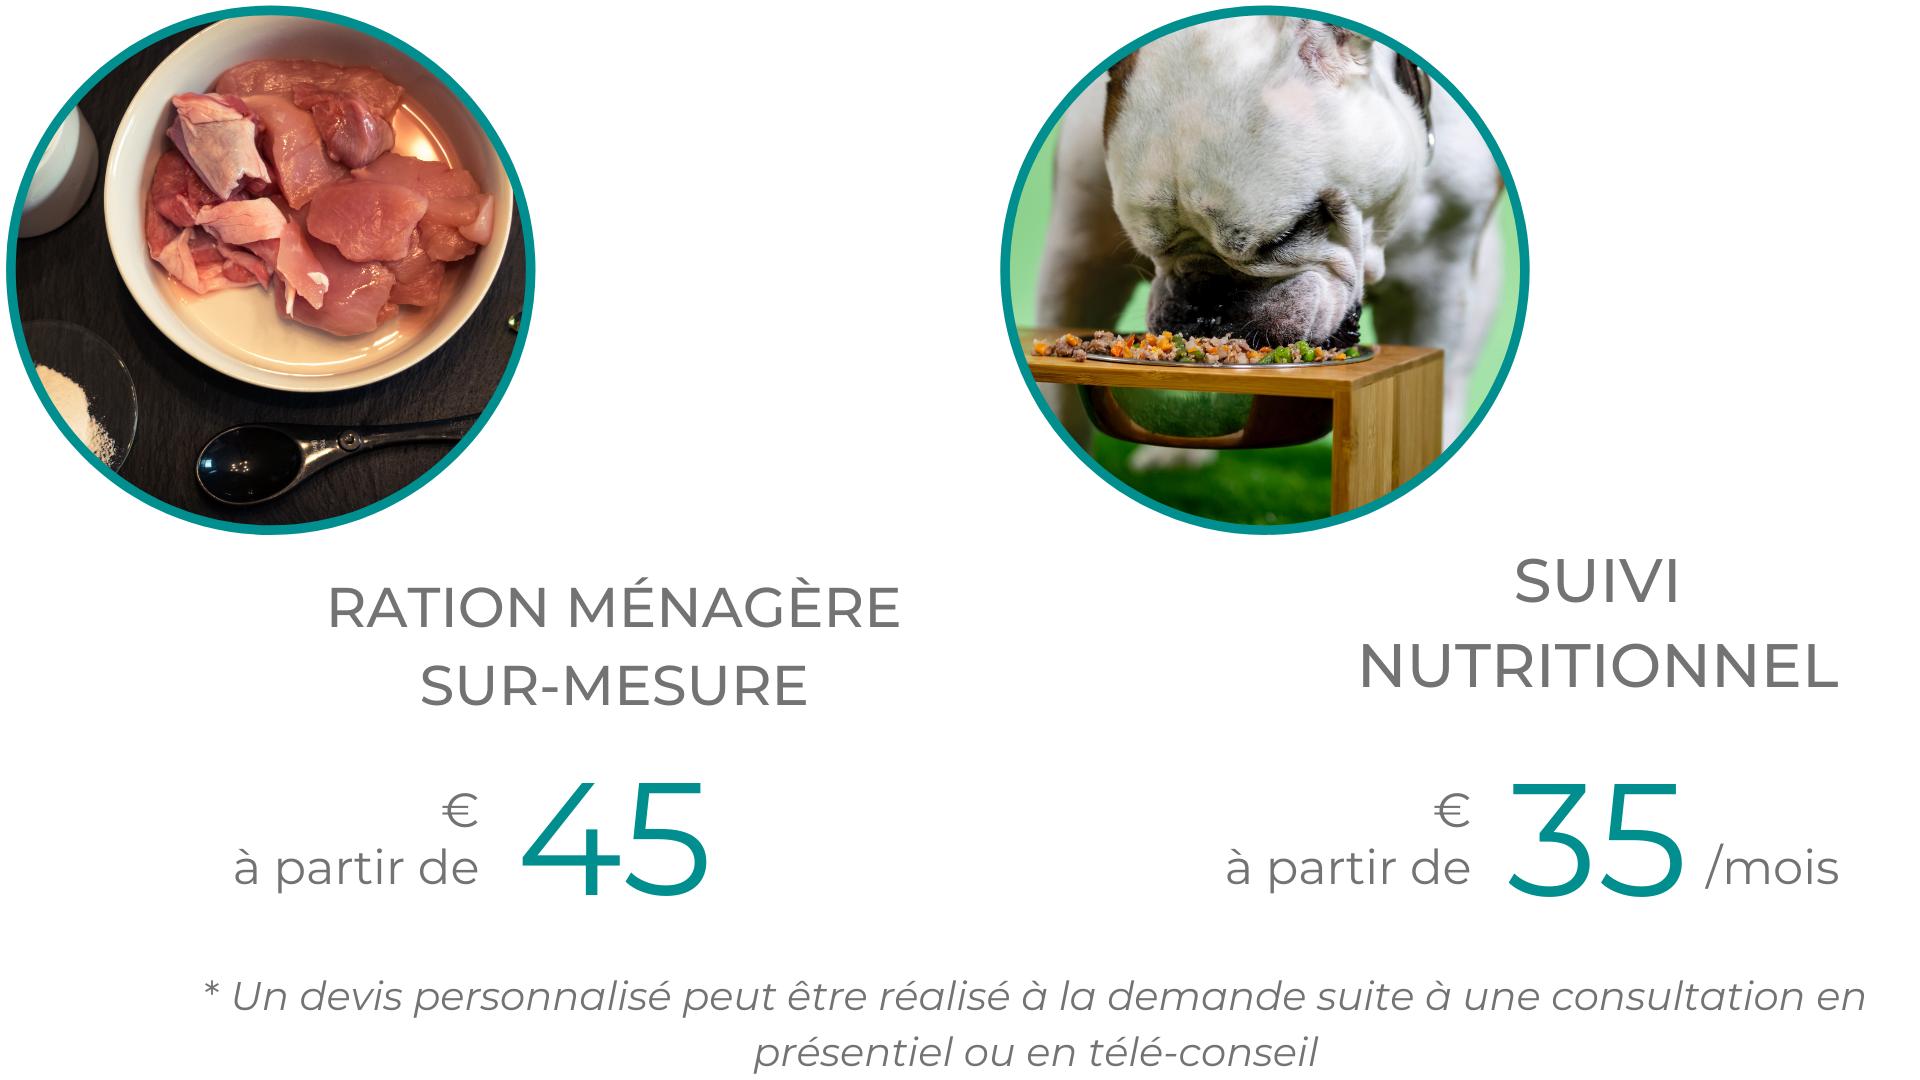 Nutrition alimentation animale chien chat croquettes BARF bi-nutrition ration ménagère